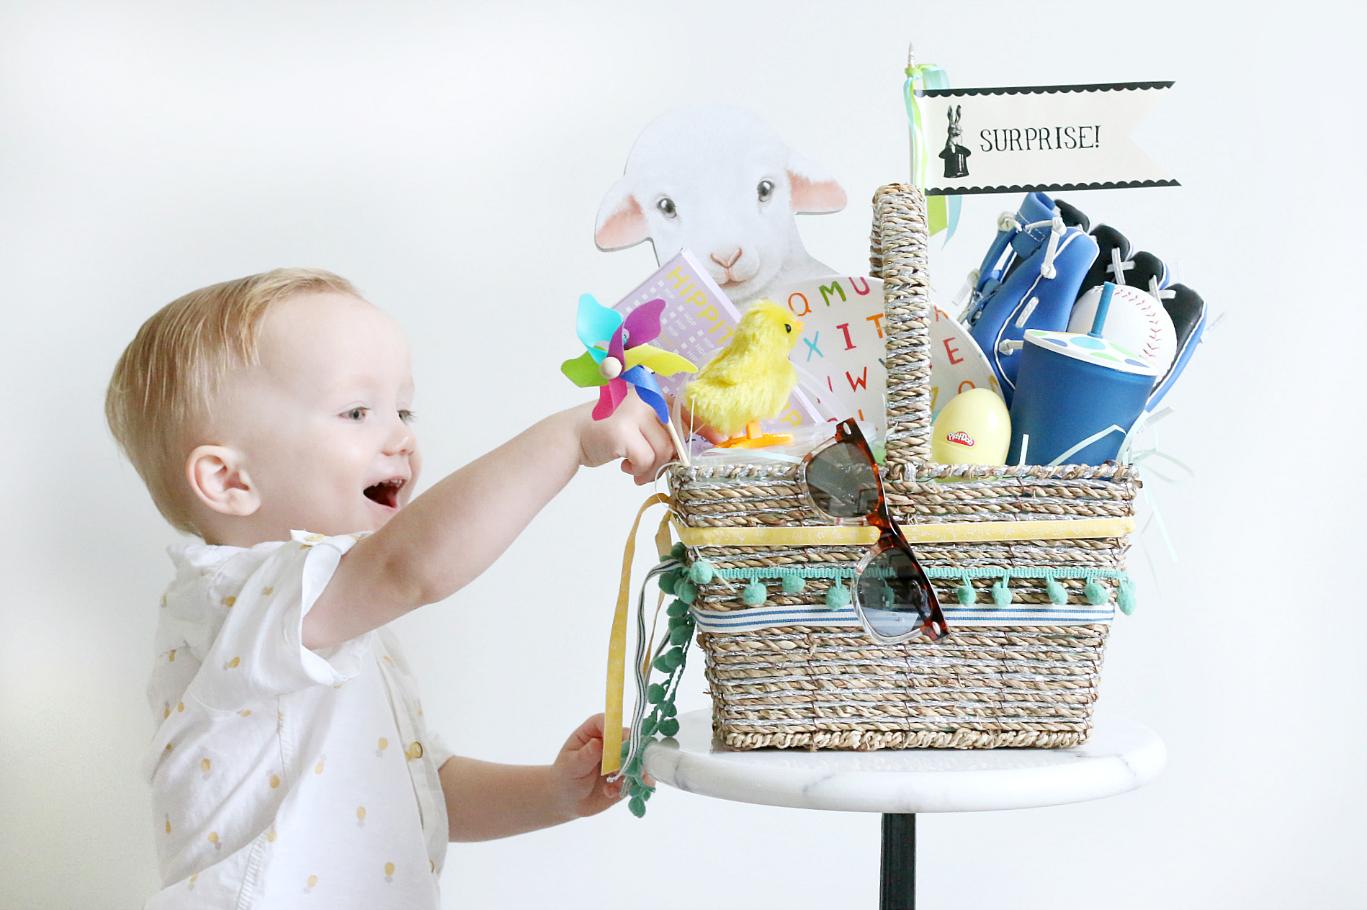 Best Easter Basket Ideas for Kids